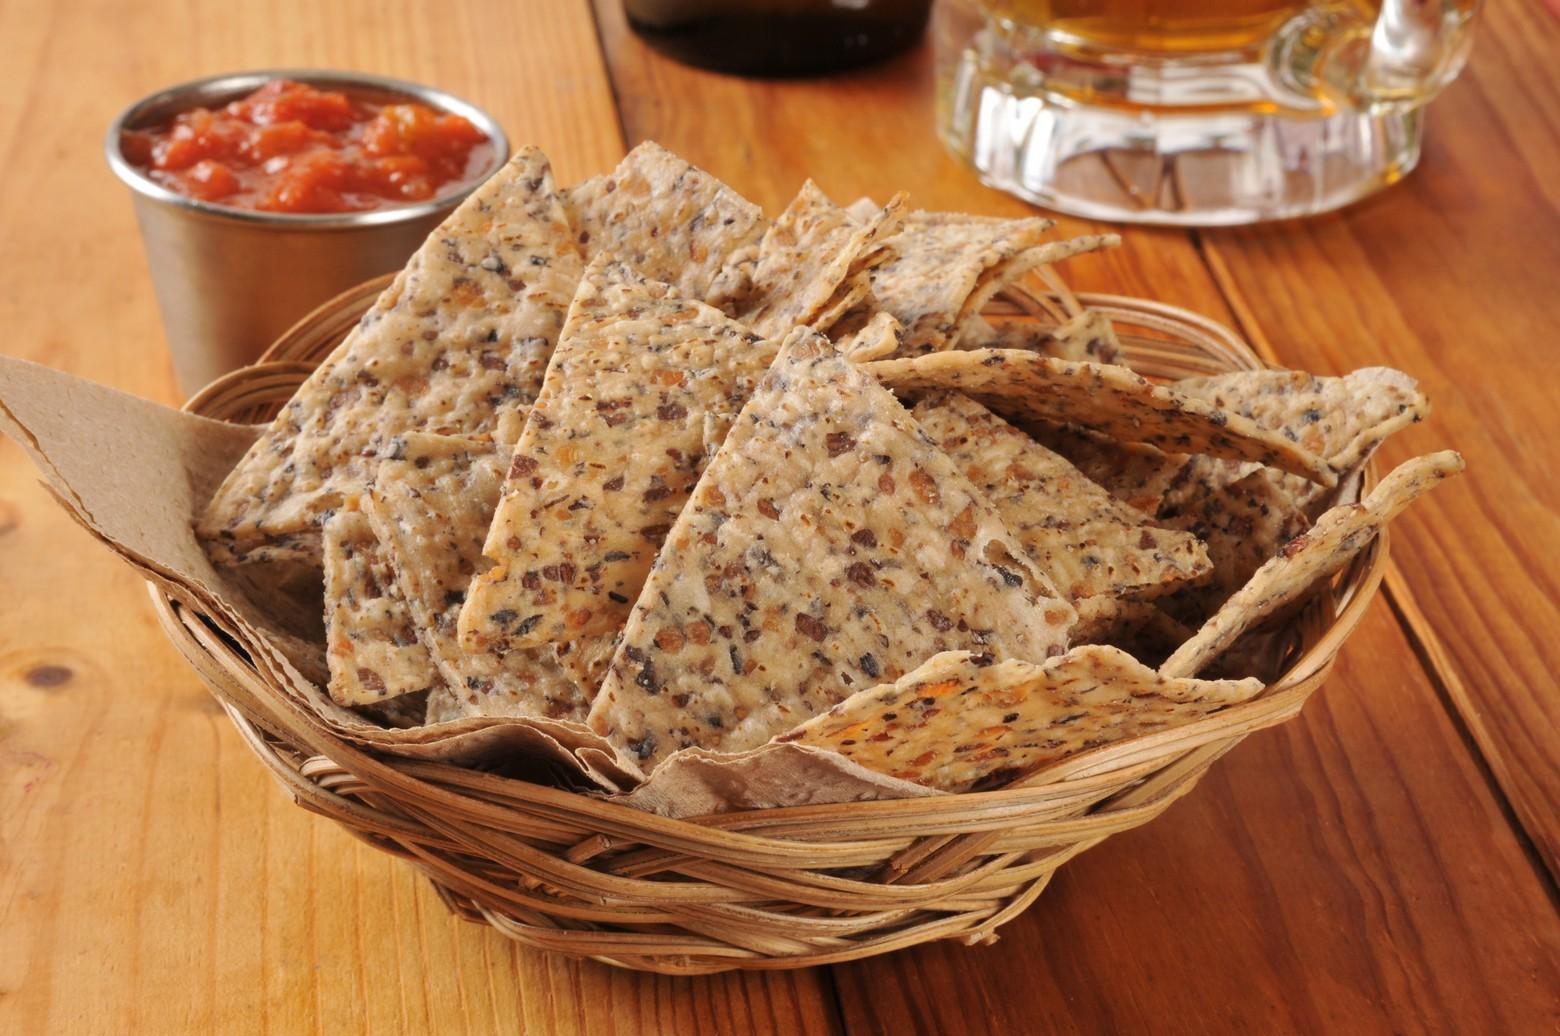 Healthy Snack Alternatives in Gaithersburg, MD